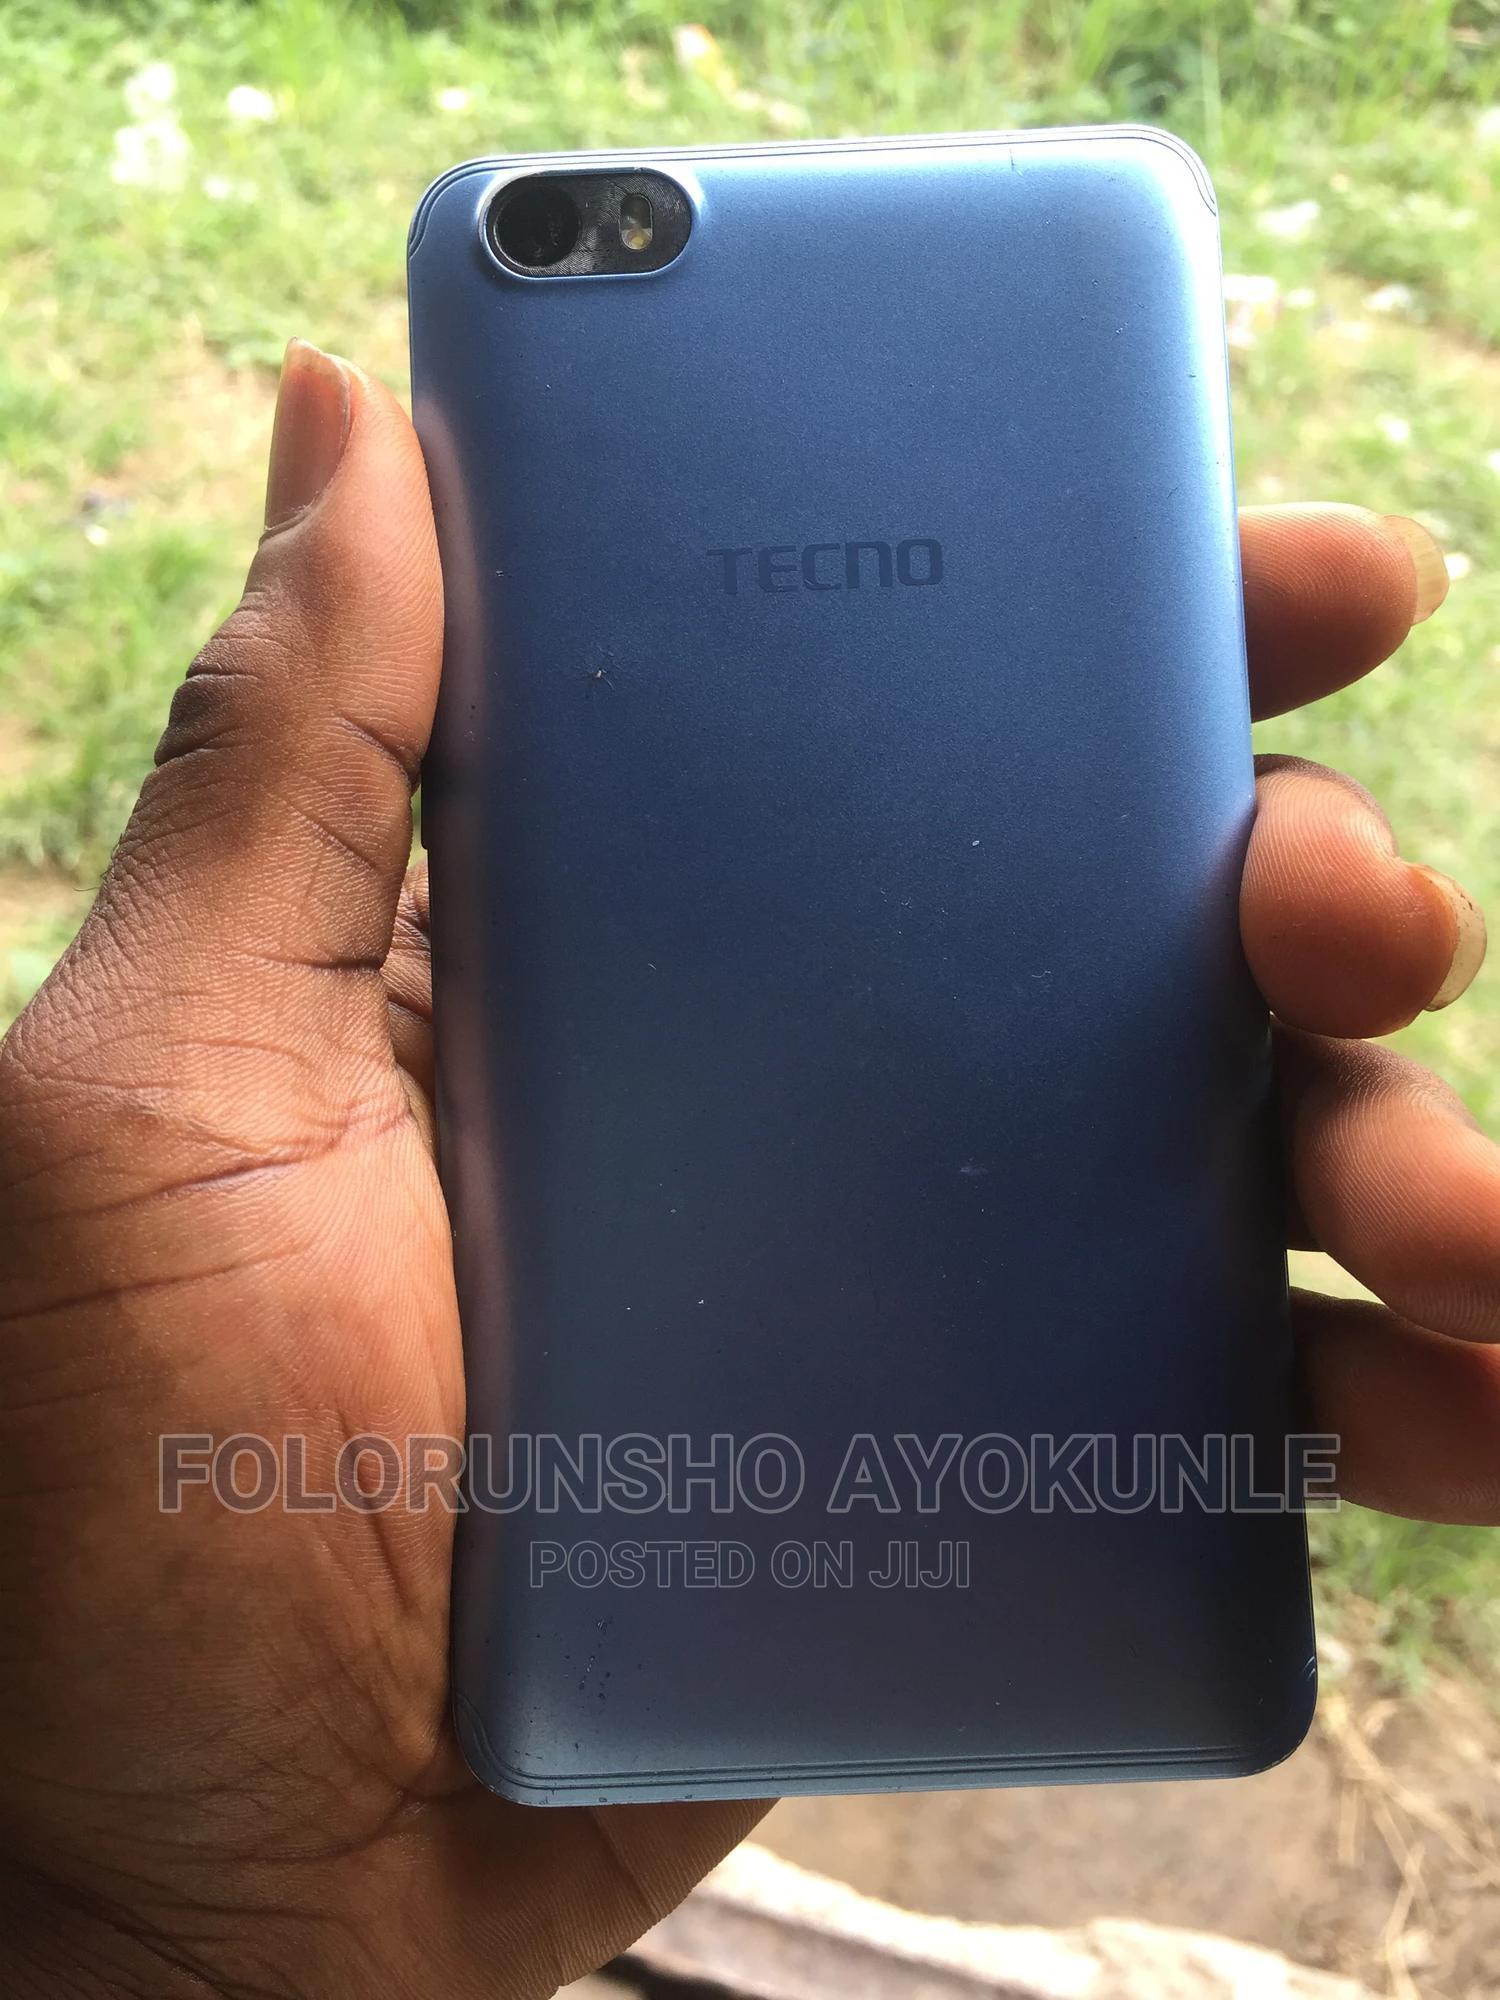 Archive: Tecno F2 8 GB Blue